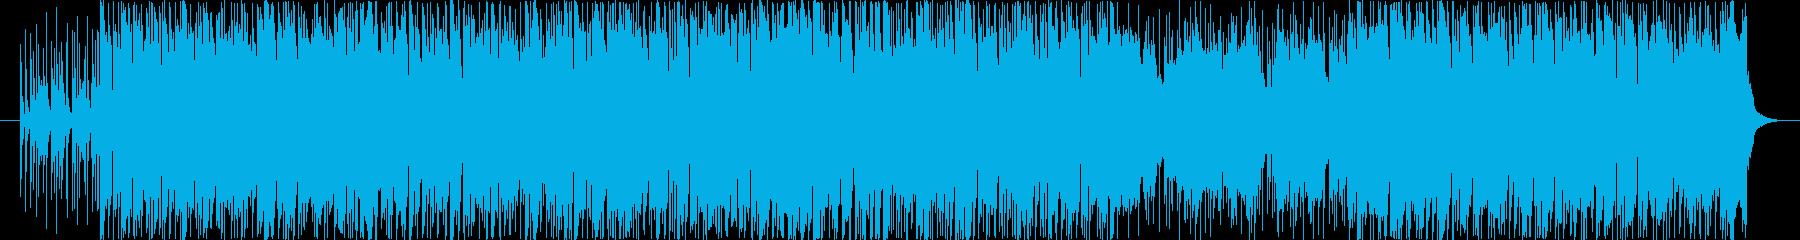 王道アメリカンロックですの再生済みの波形